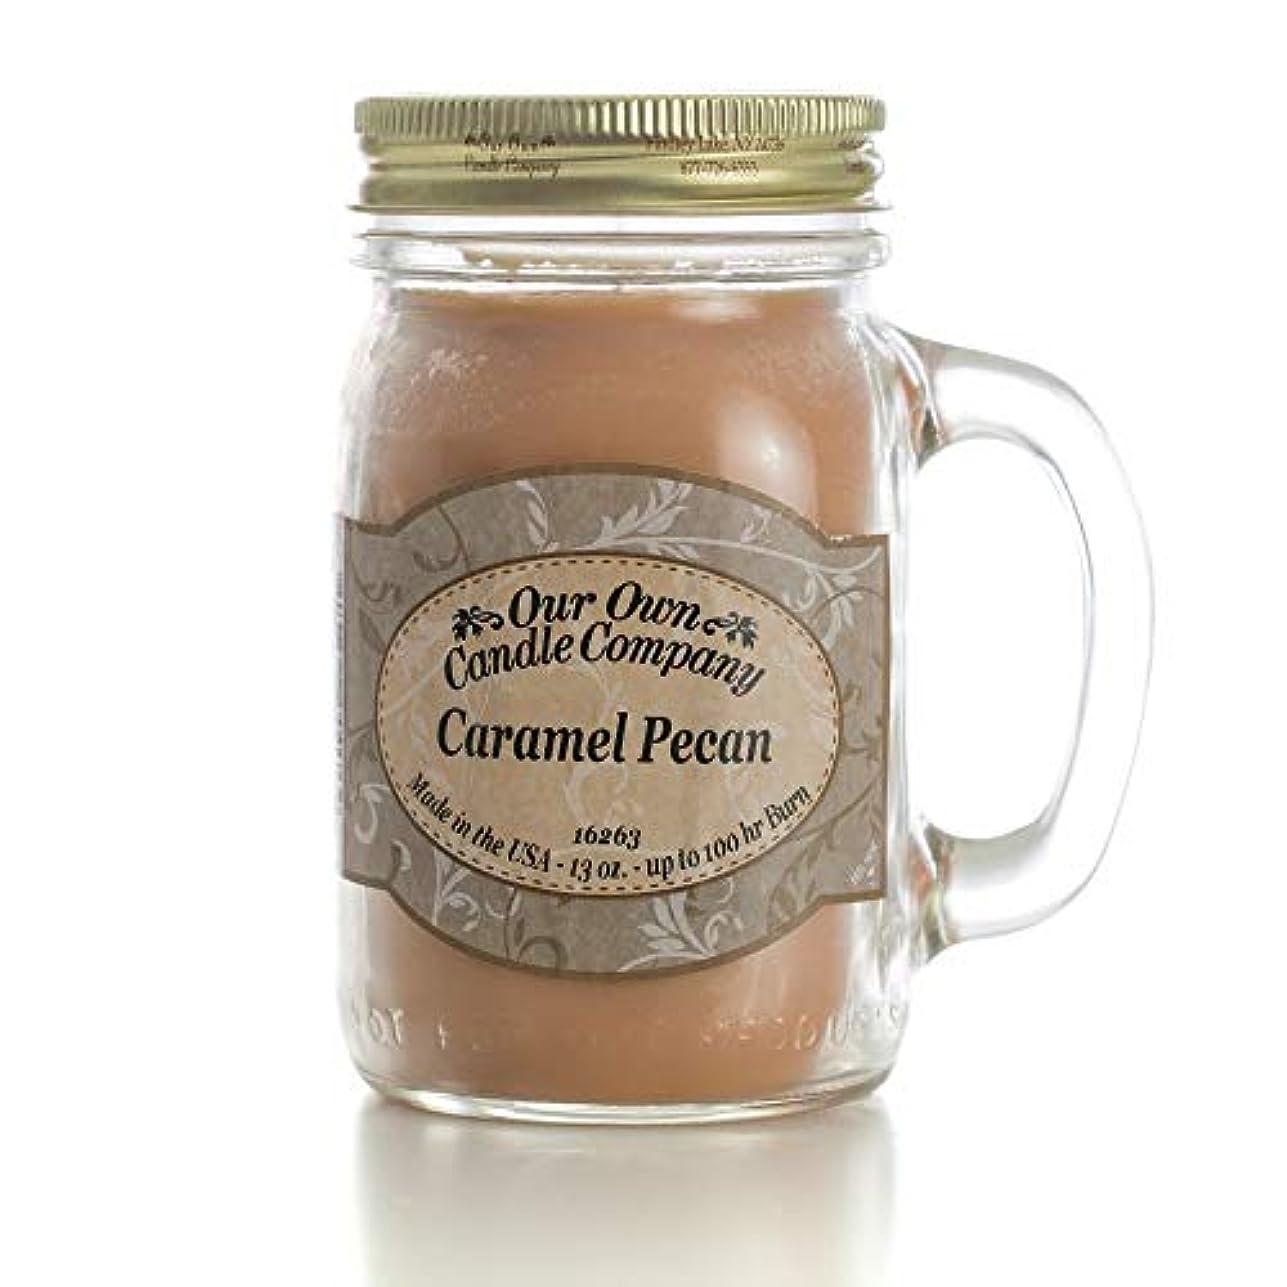 問い合わせ降ろすメタンアロマキャンドル メイソンジャー キャラメルピーカン ビッグ Our Own Candle Company Caramel Pecan big